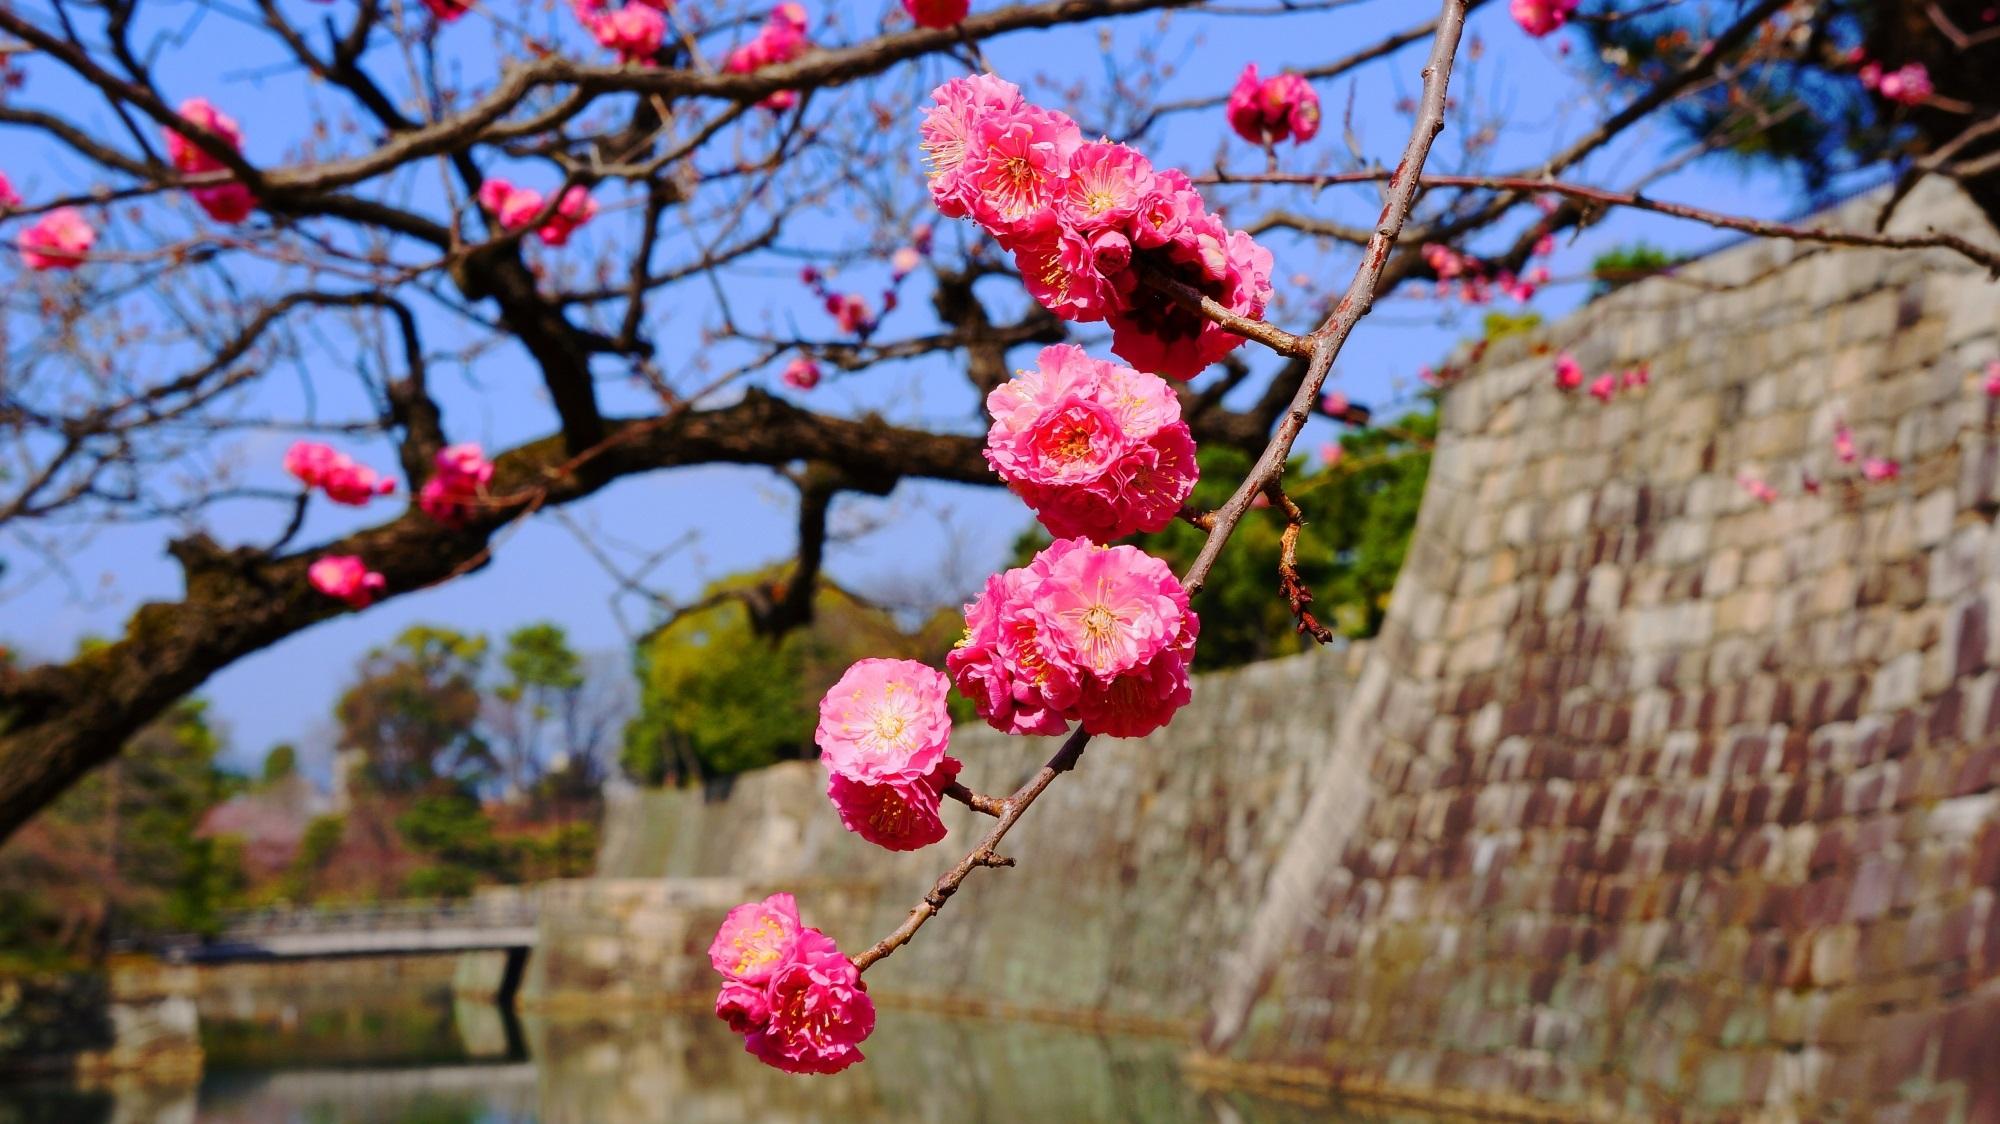 二条城 梅 芸術の梅と春先の情景